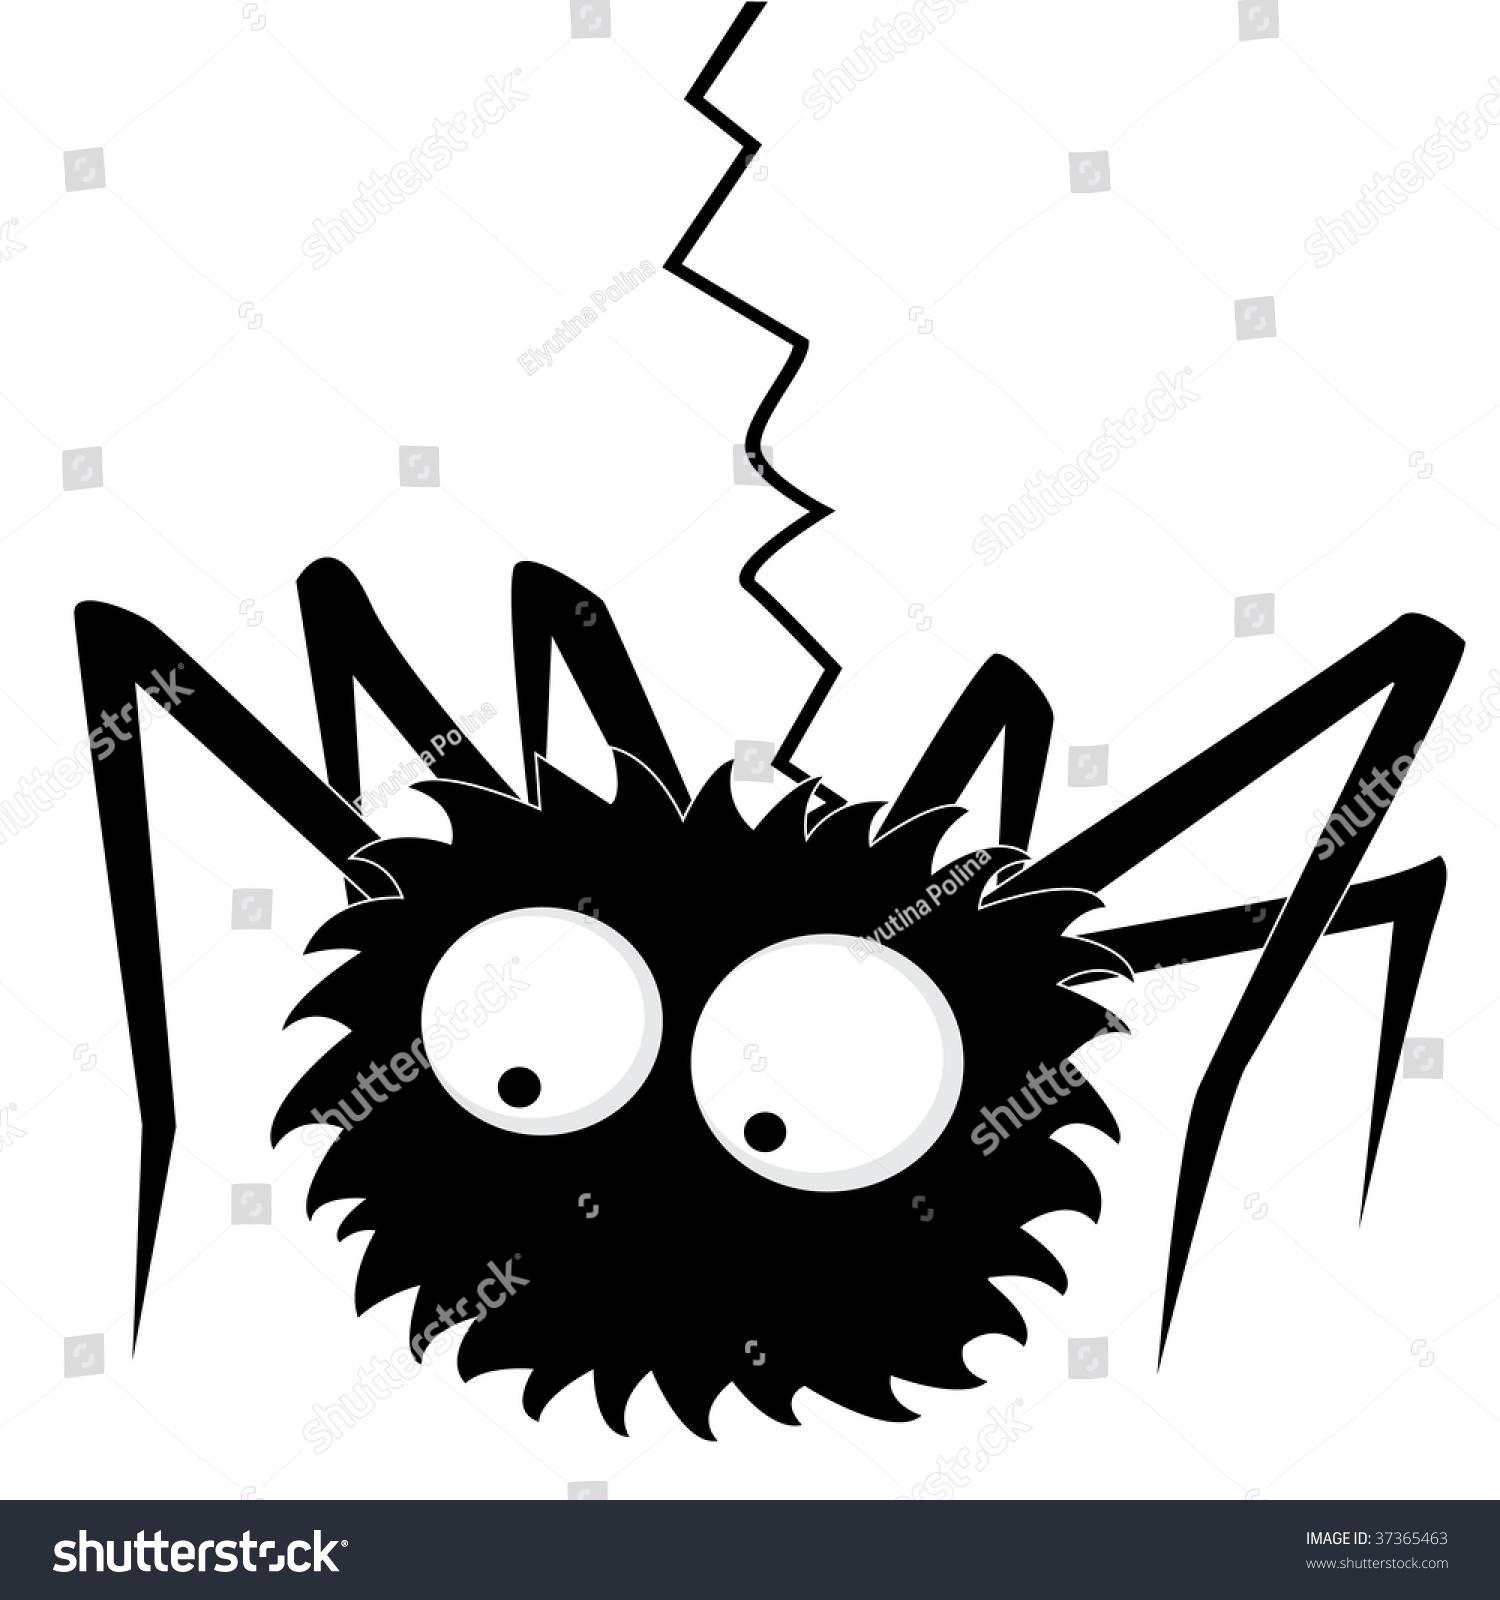 Black Halloween Spider Stock Vector 37365463 - Shutterstock